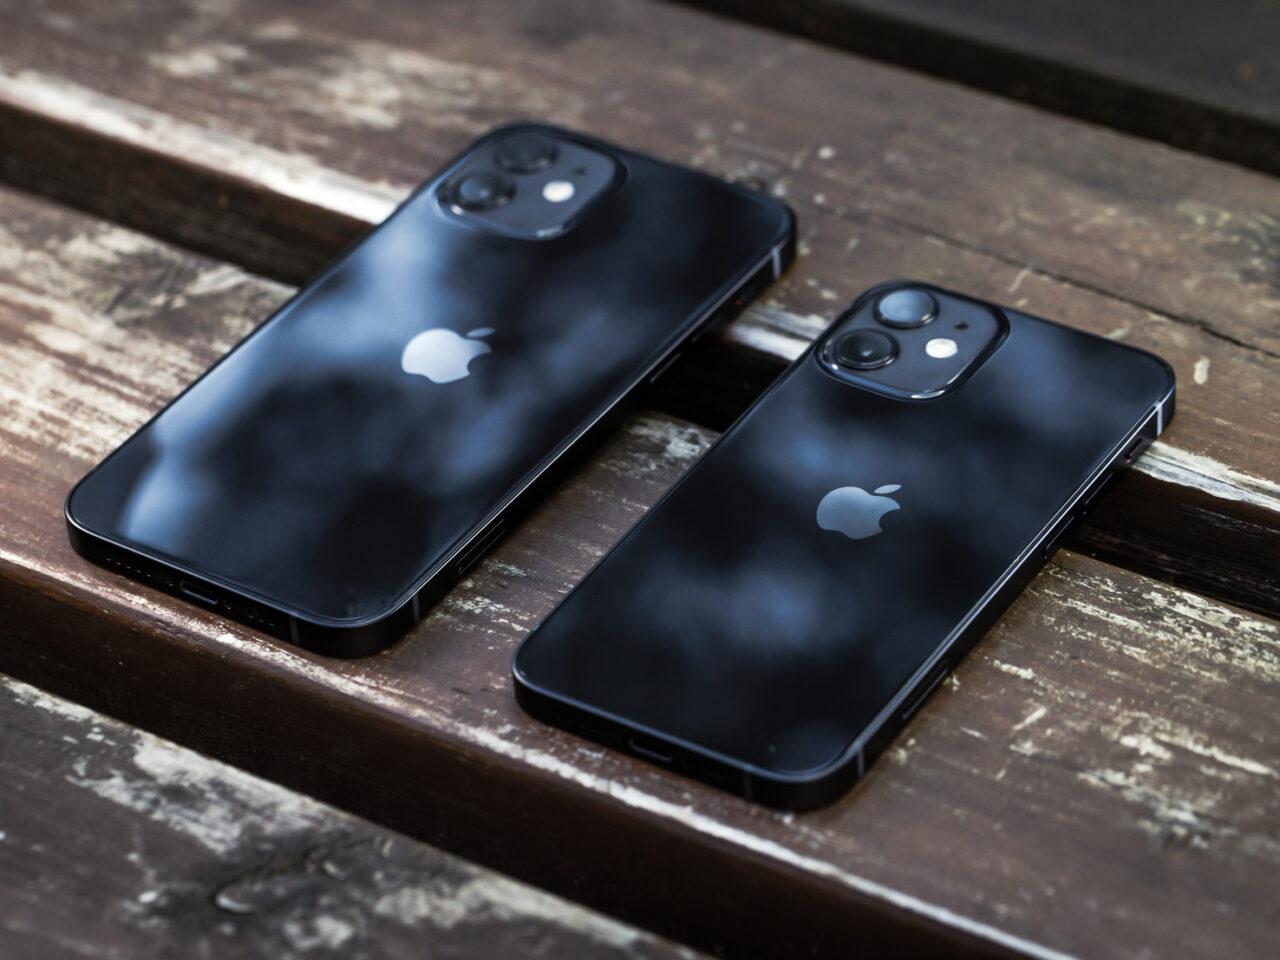 ahamo(アハモ)でiPhone12は使える?(MiniやPro、Pro Max等含む)のサムネイル画像